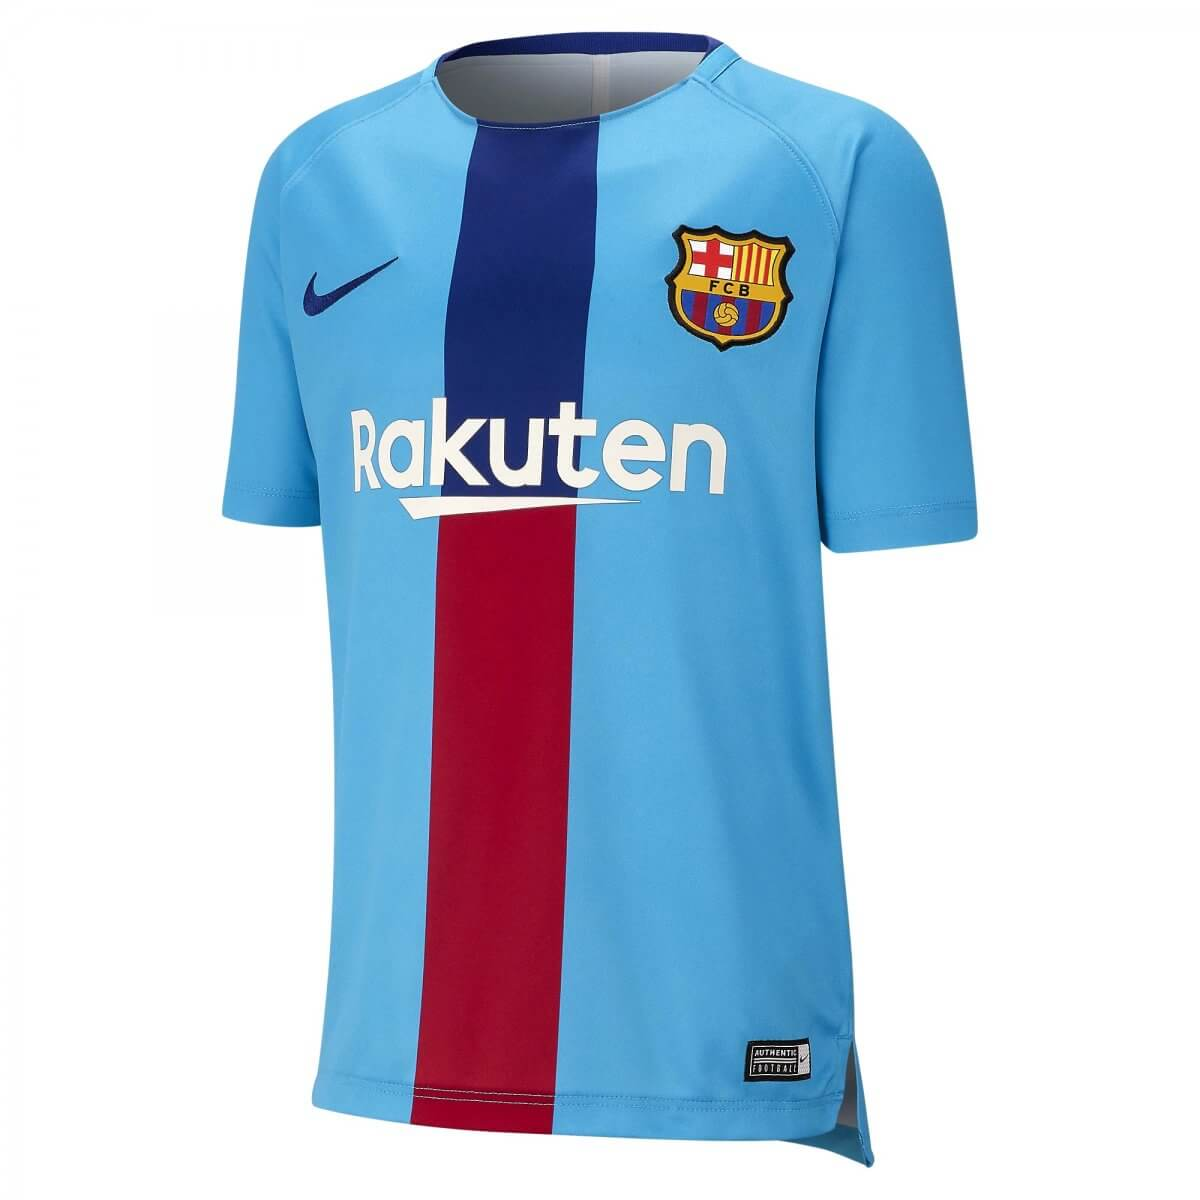 Camisa De Treino Infantil Nike Fc Barcelona 894398 482 Azul Vermelho Calcados Online Sandalias Sapatos E Botas Femininas Katy Com Br